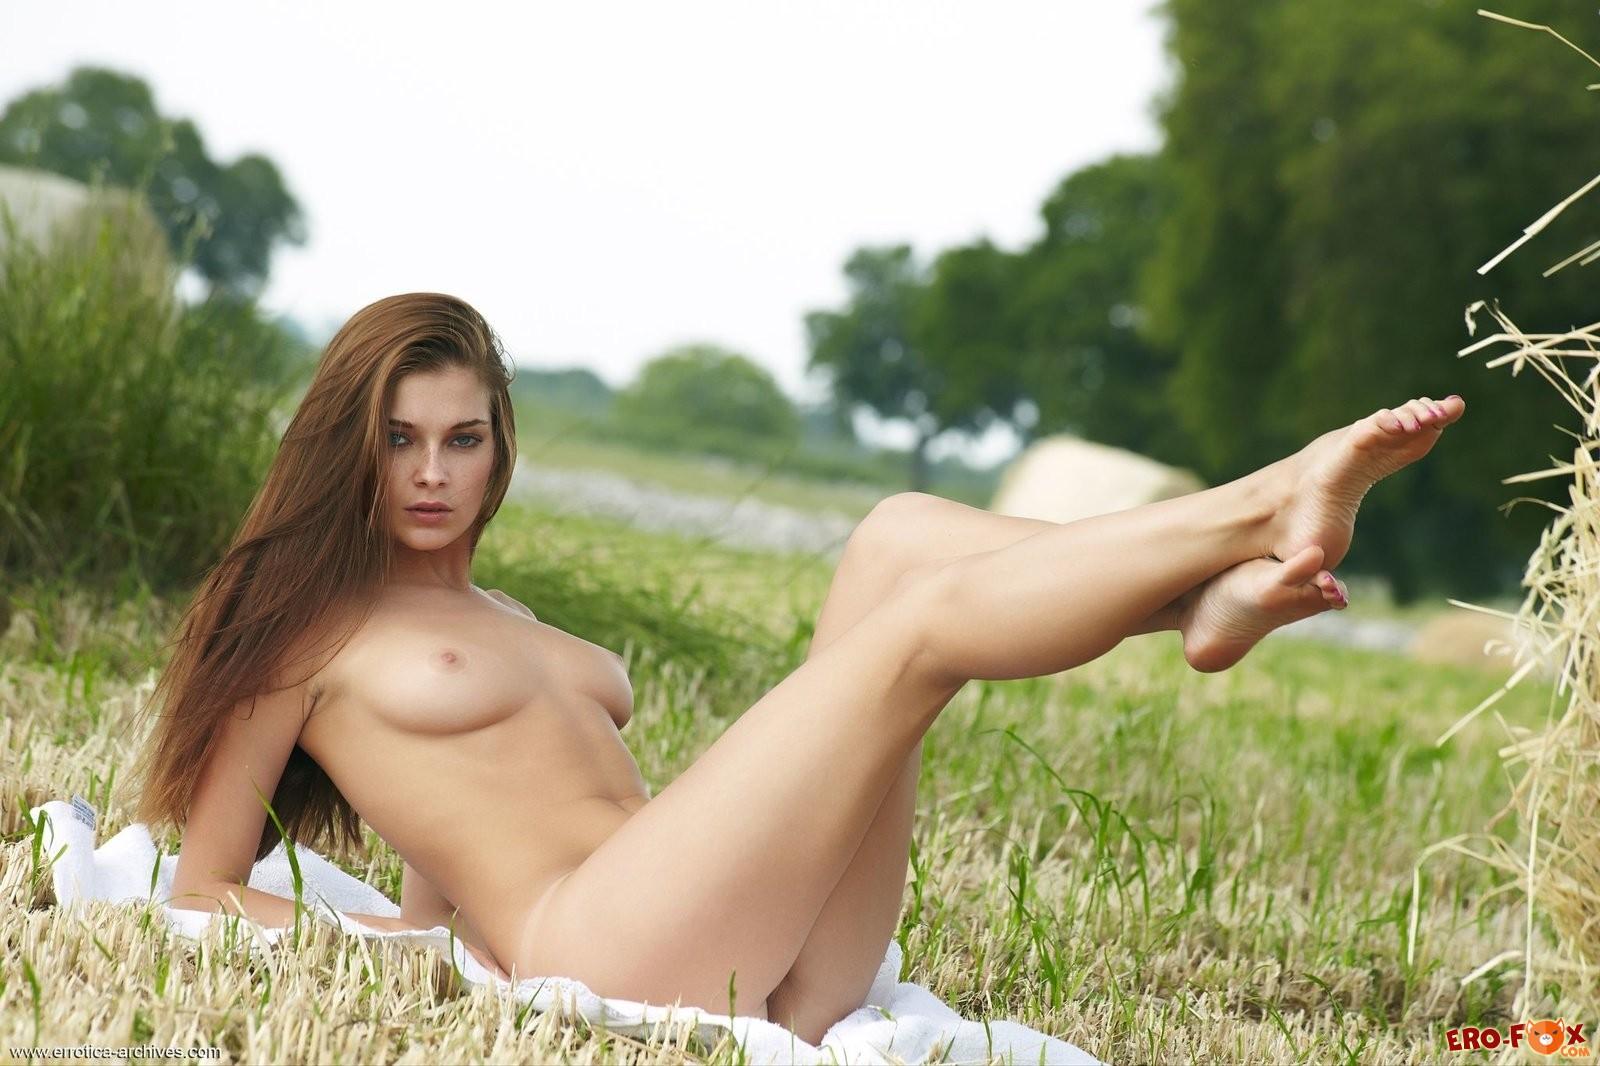 Голая девушка на сенокосе - ню фото эротика.